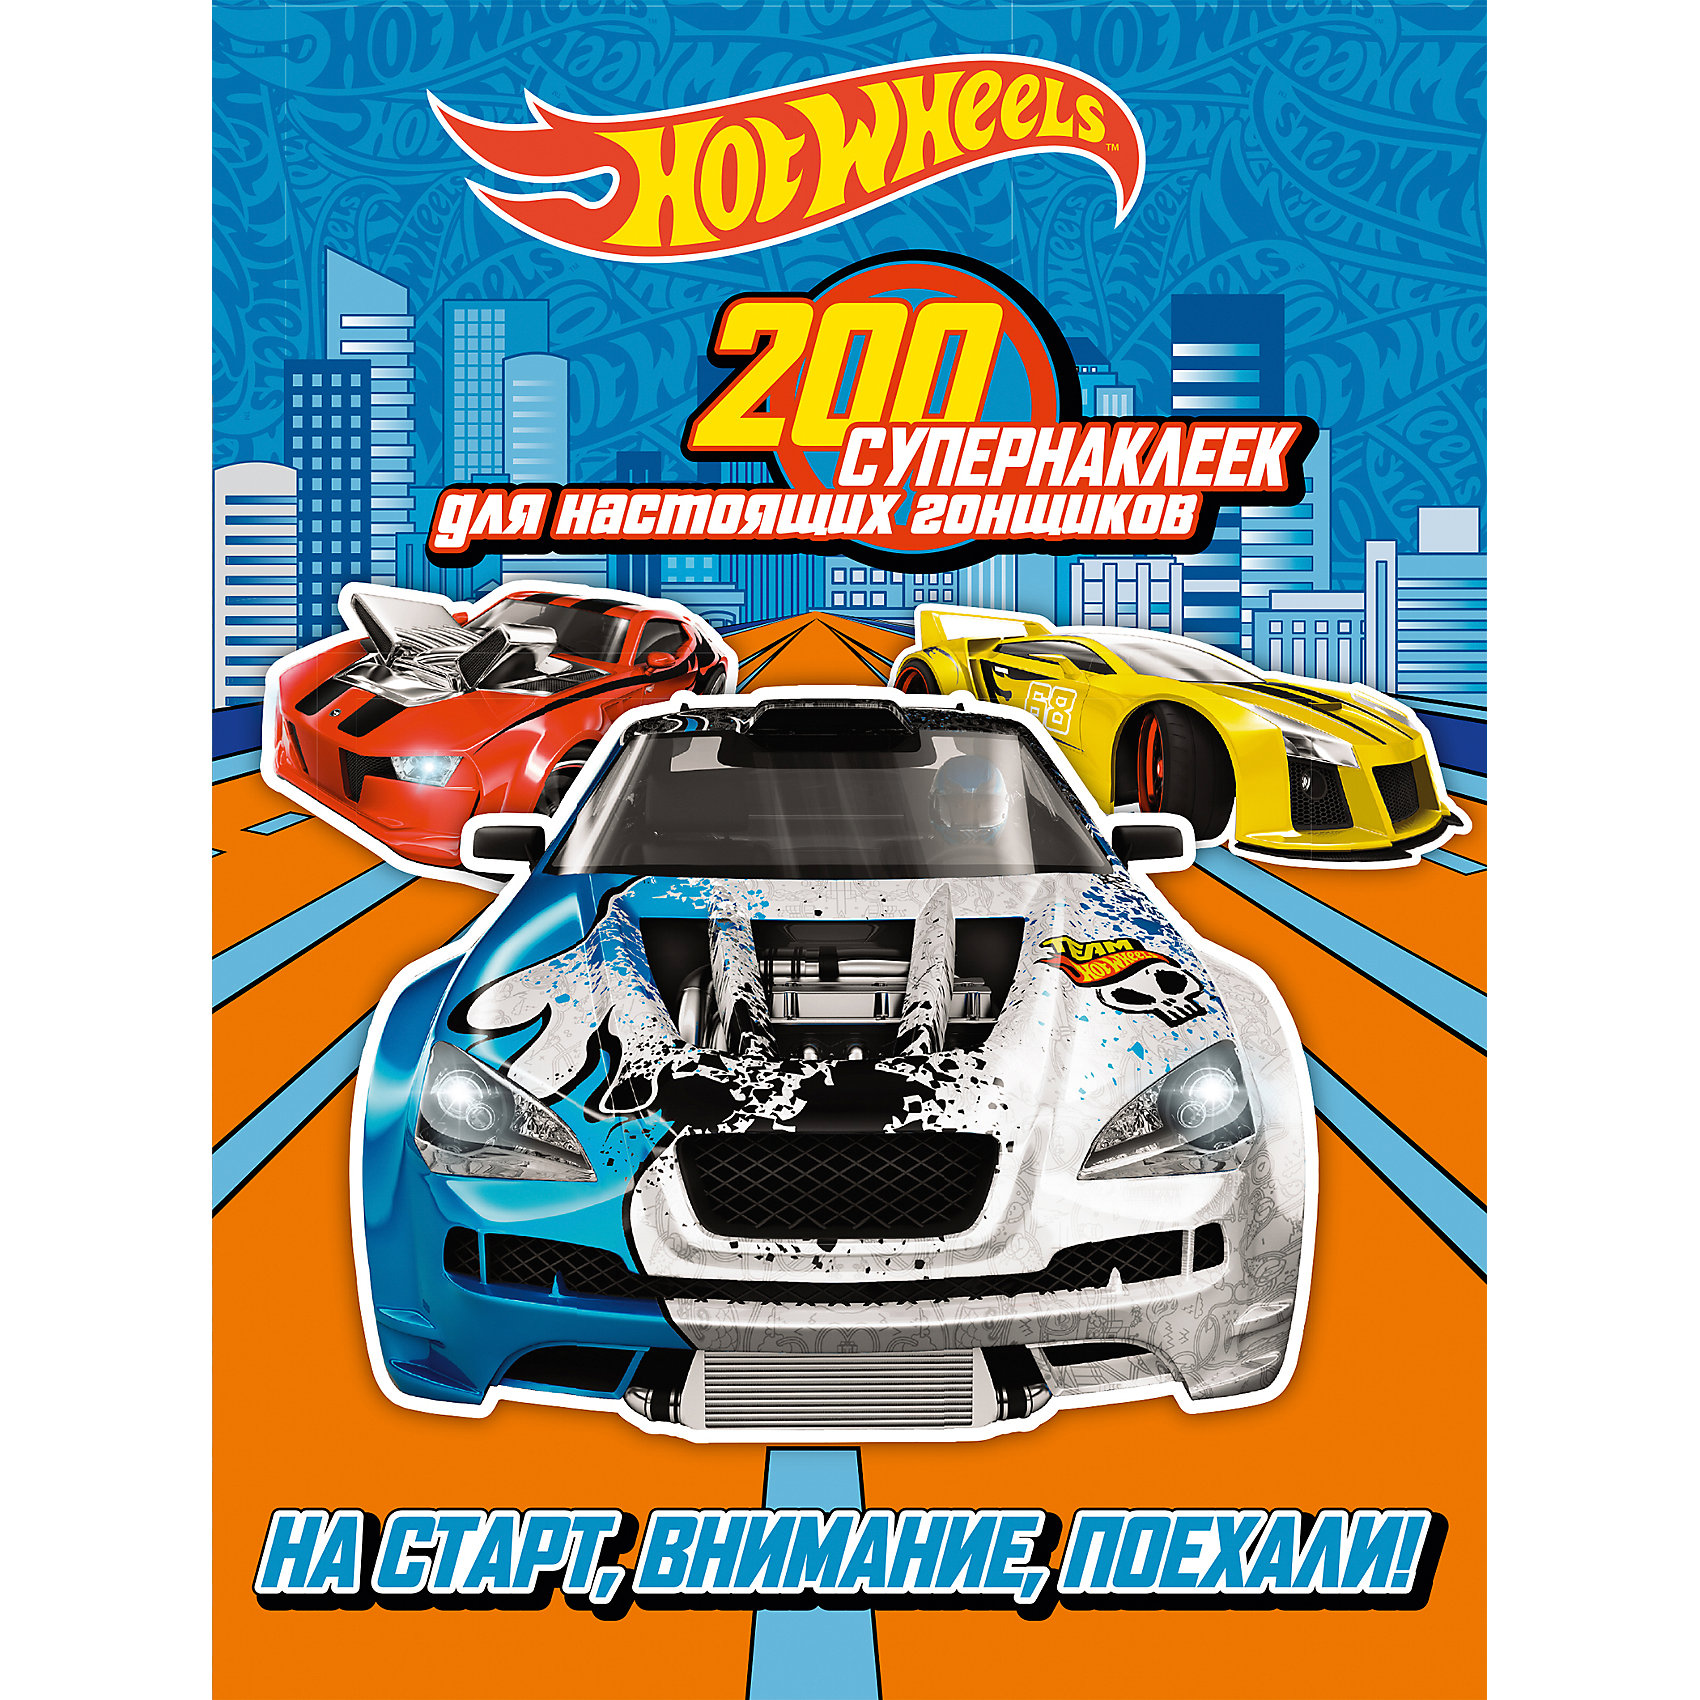 На старт, внимание, поехали!Hot Wheels<br>Специально для поклонников сверхскоростного мира Hot Wheels! Суперкрутые автомобили, захватывающие трассы, задания для самых смелых и более 200 наклеек ждут тебя!<br><br>Ширина мм: 280<br>Глубина мм: 210<br>Высота мм: 20<br>Вес г: 110<br>Возраст от месяцев: 72<br>Возраст до месяцев: 2147483647<br>Пол: Унисекс<br>Возраст: Детский<br>SKU: 5535332